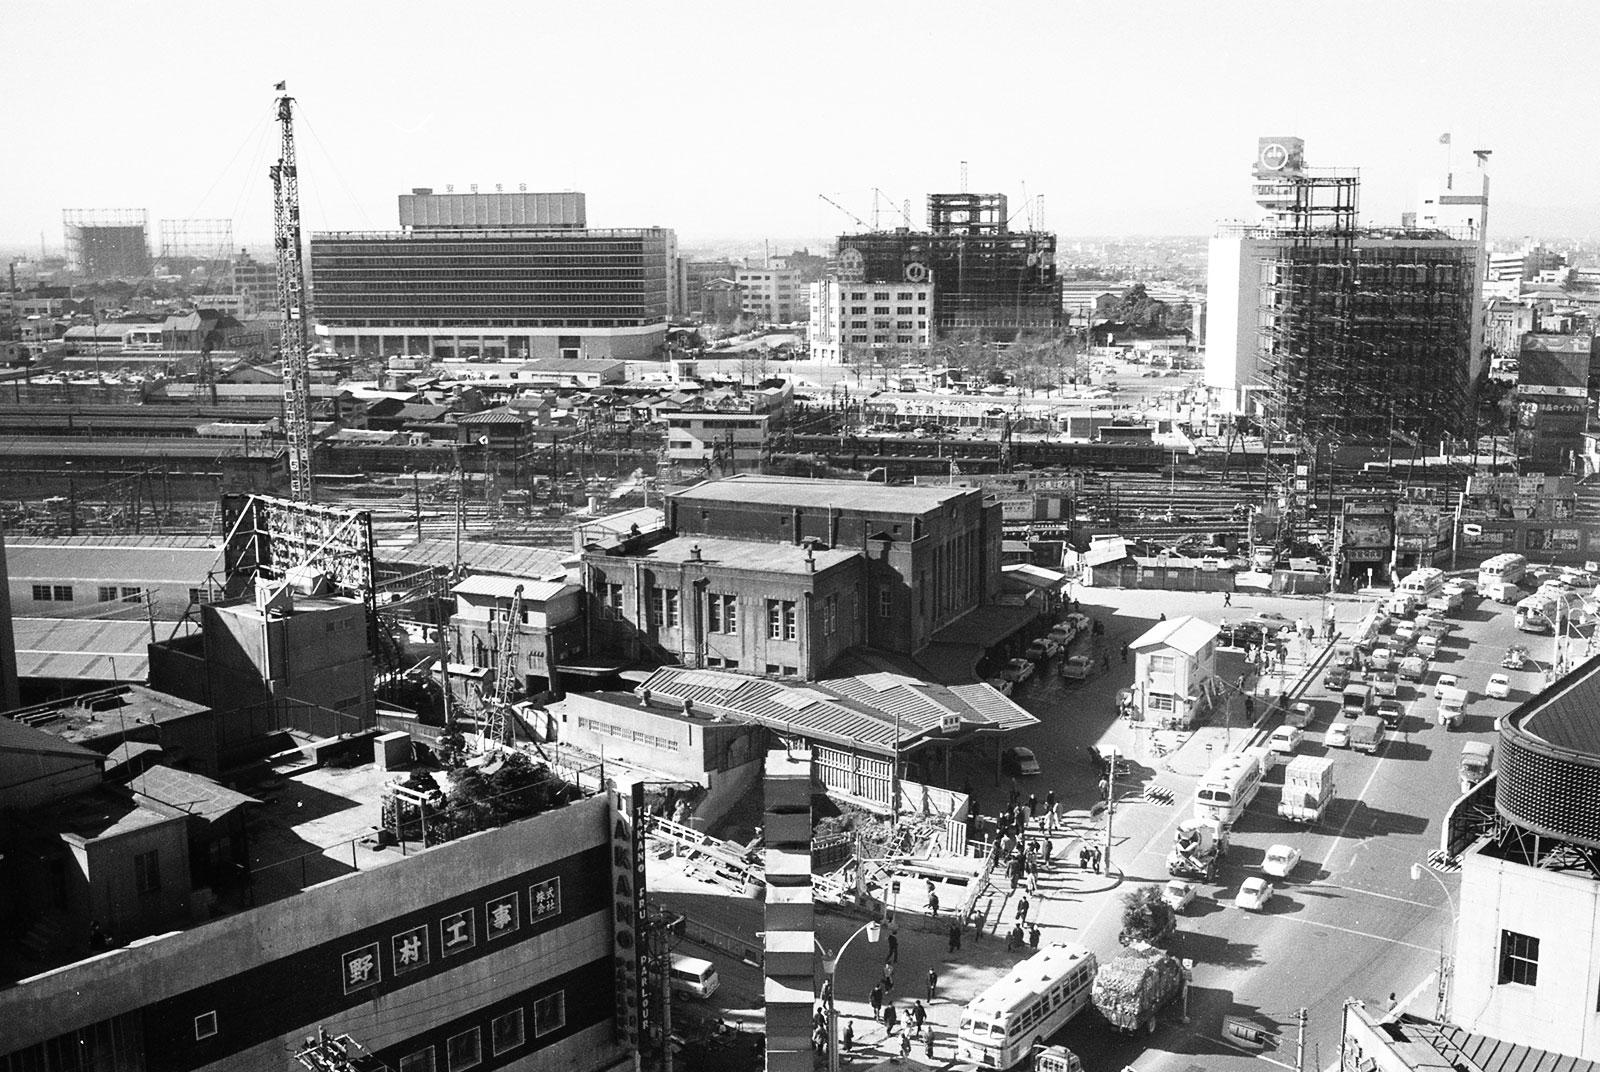 昭和37年(1962)頃の新宿駅東口の様子。 駅舎周辺で建て替え工事が始まっている。西口方面で進むビル建設の合間からは、淀橋浄水場の様子が見える